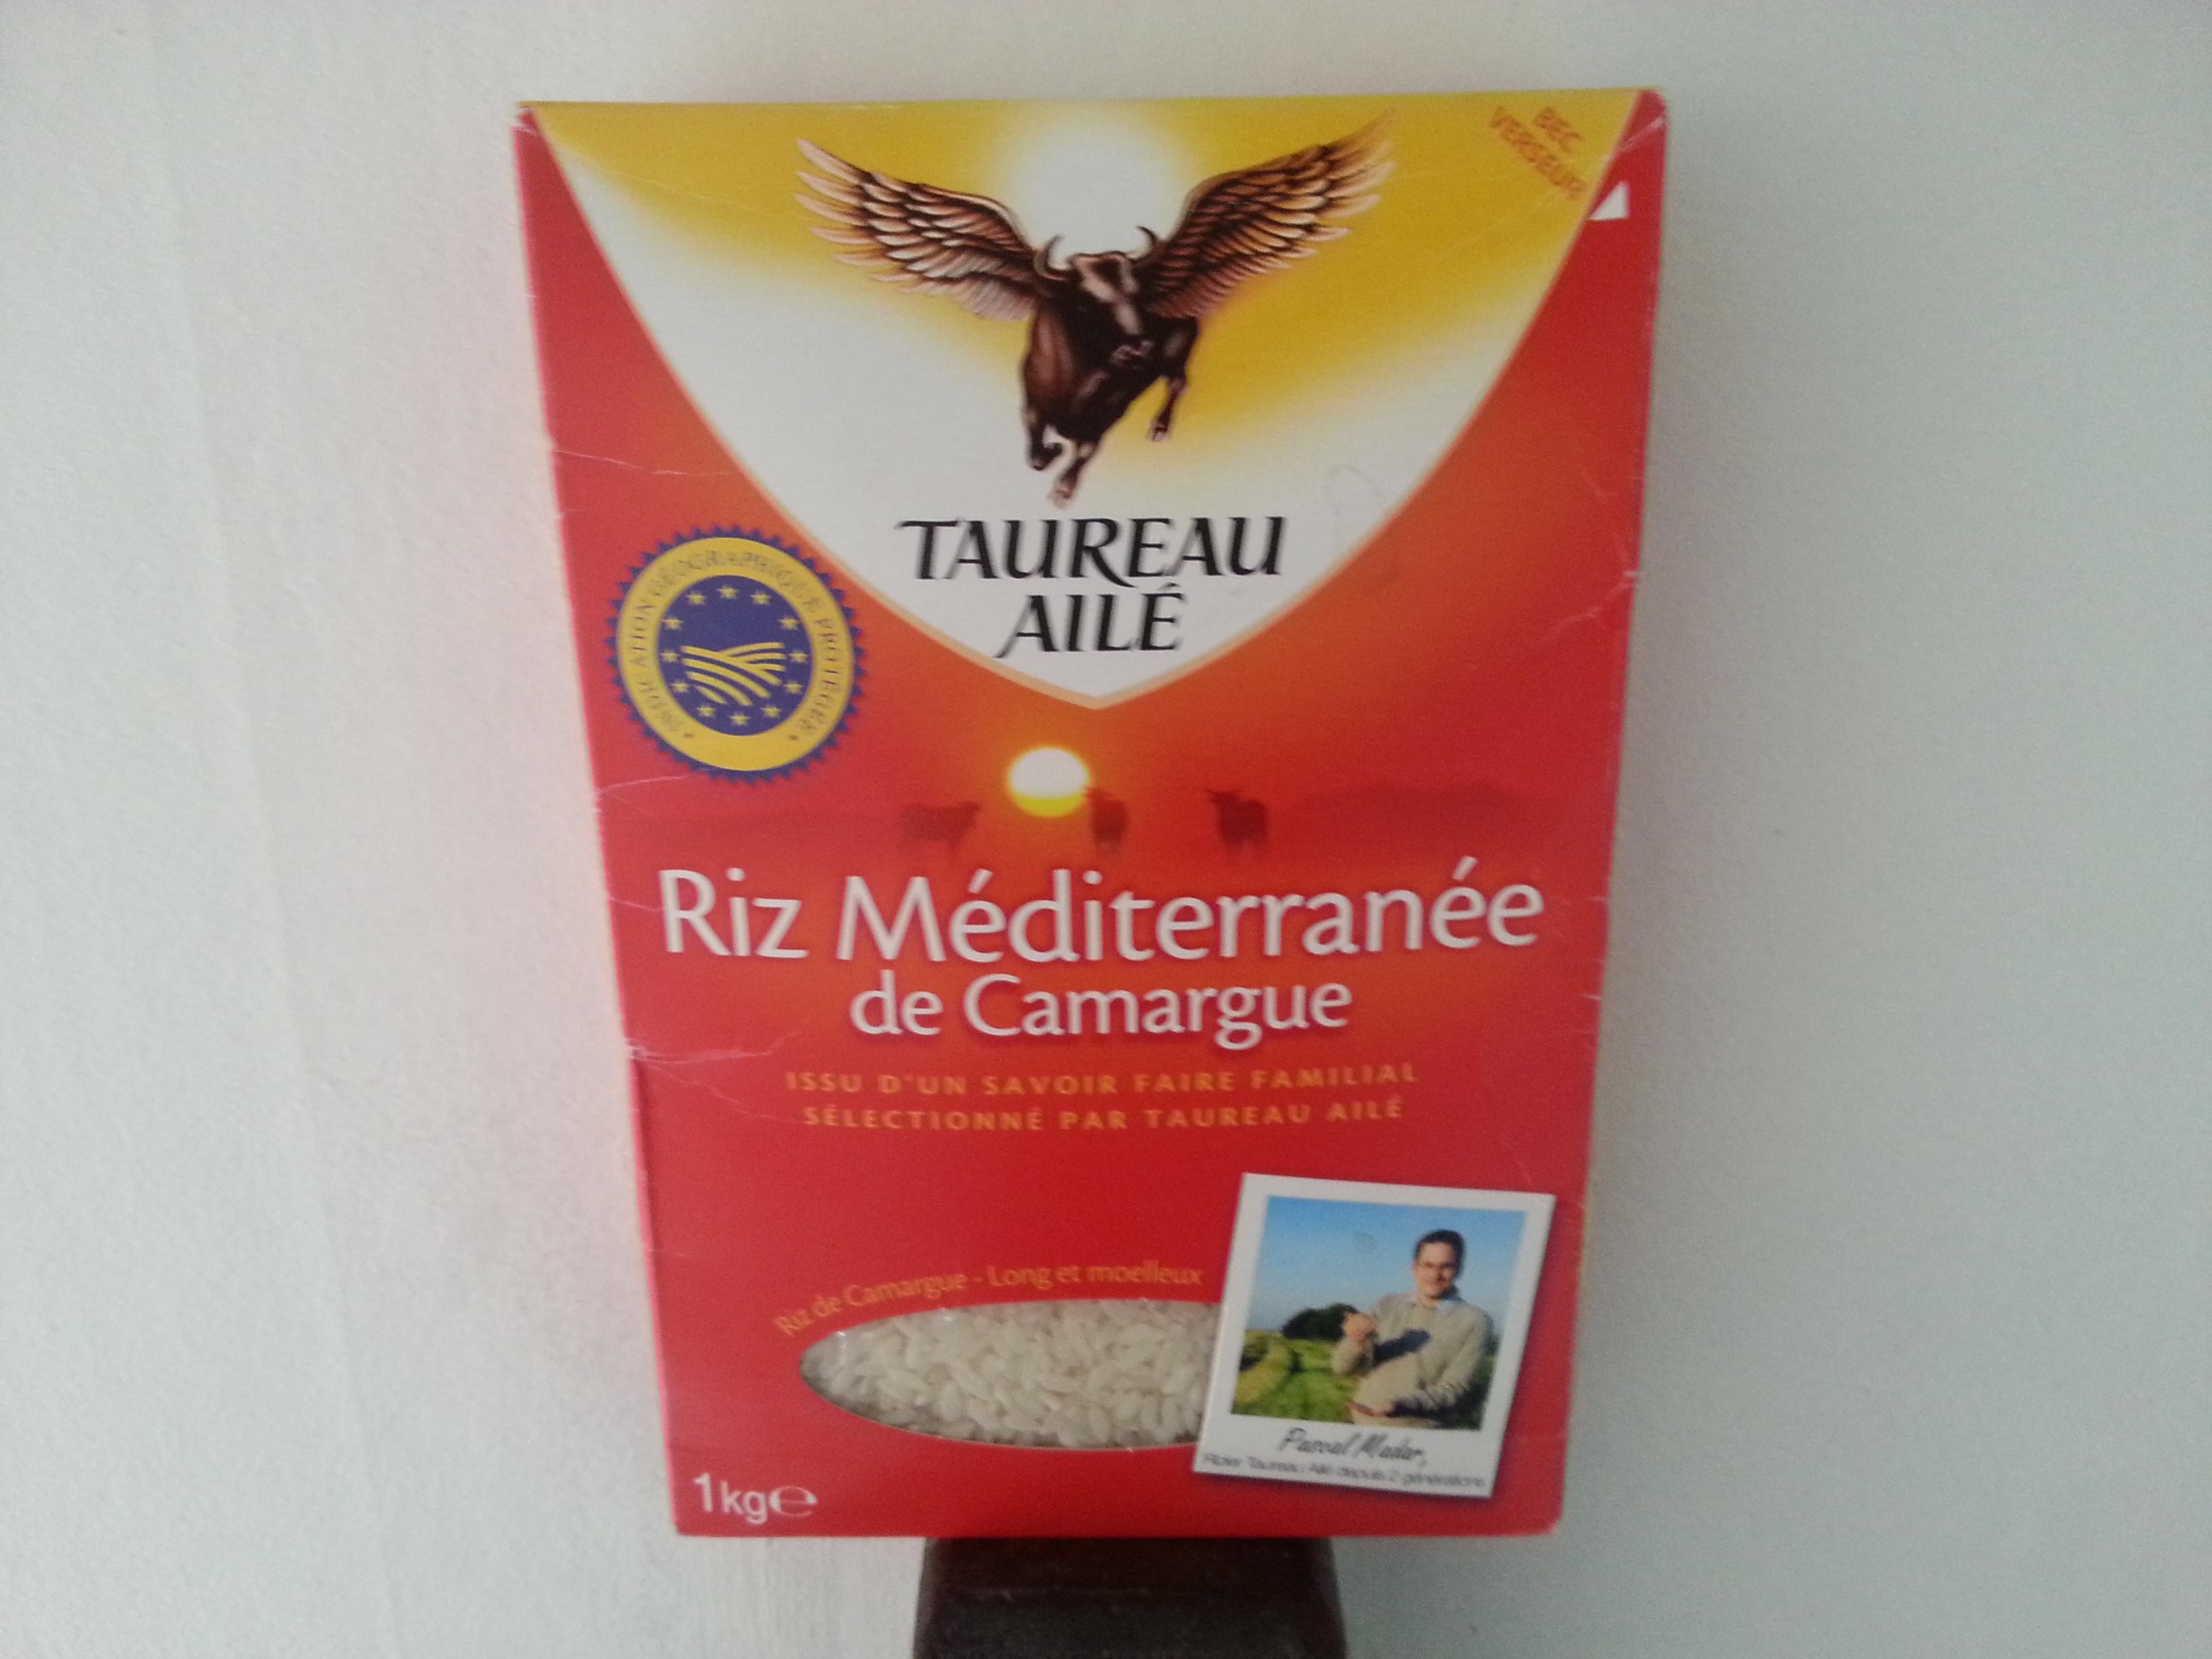 8f9e550d910 Riz méditerranée de Camargue (Taureau Ailé) – Calories…